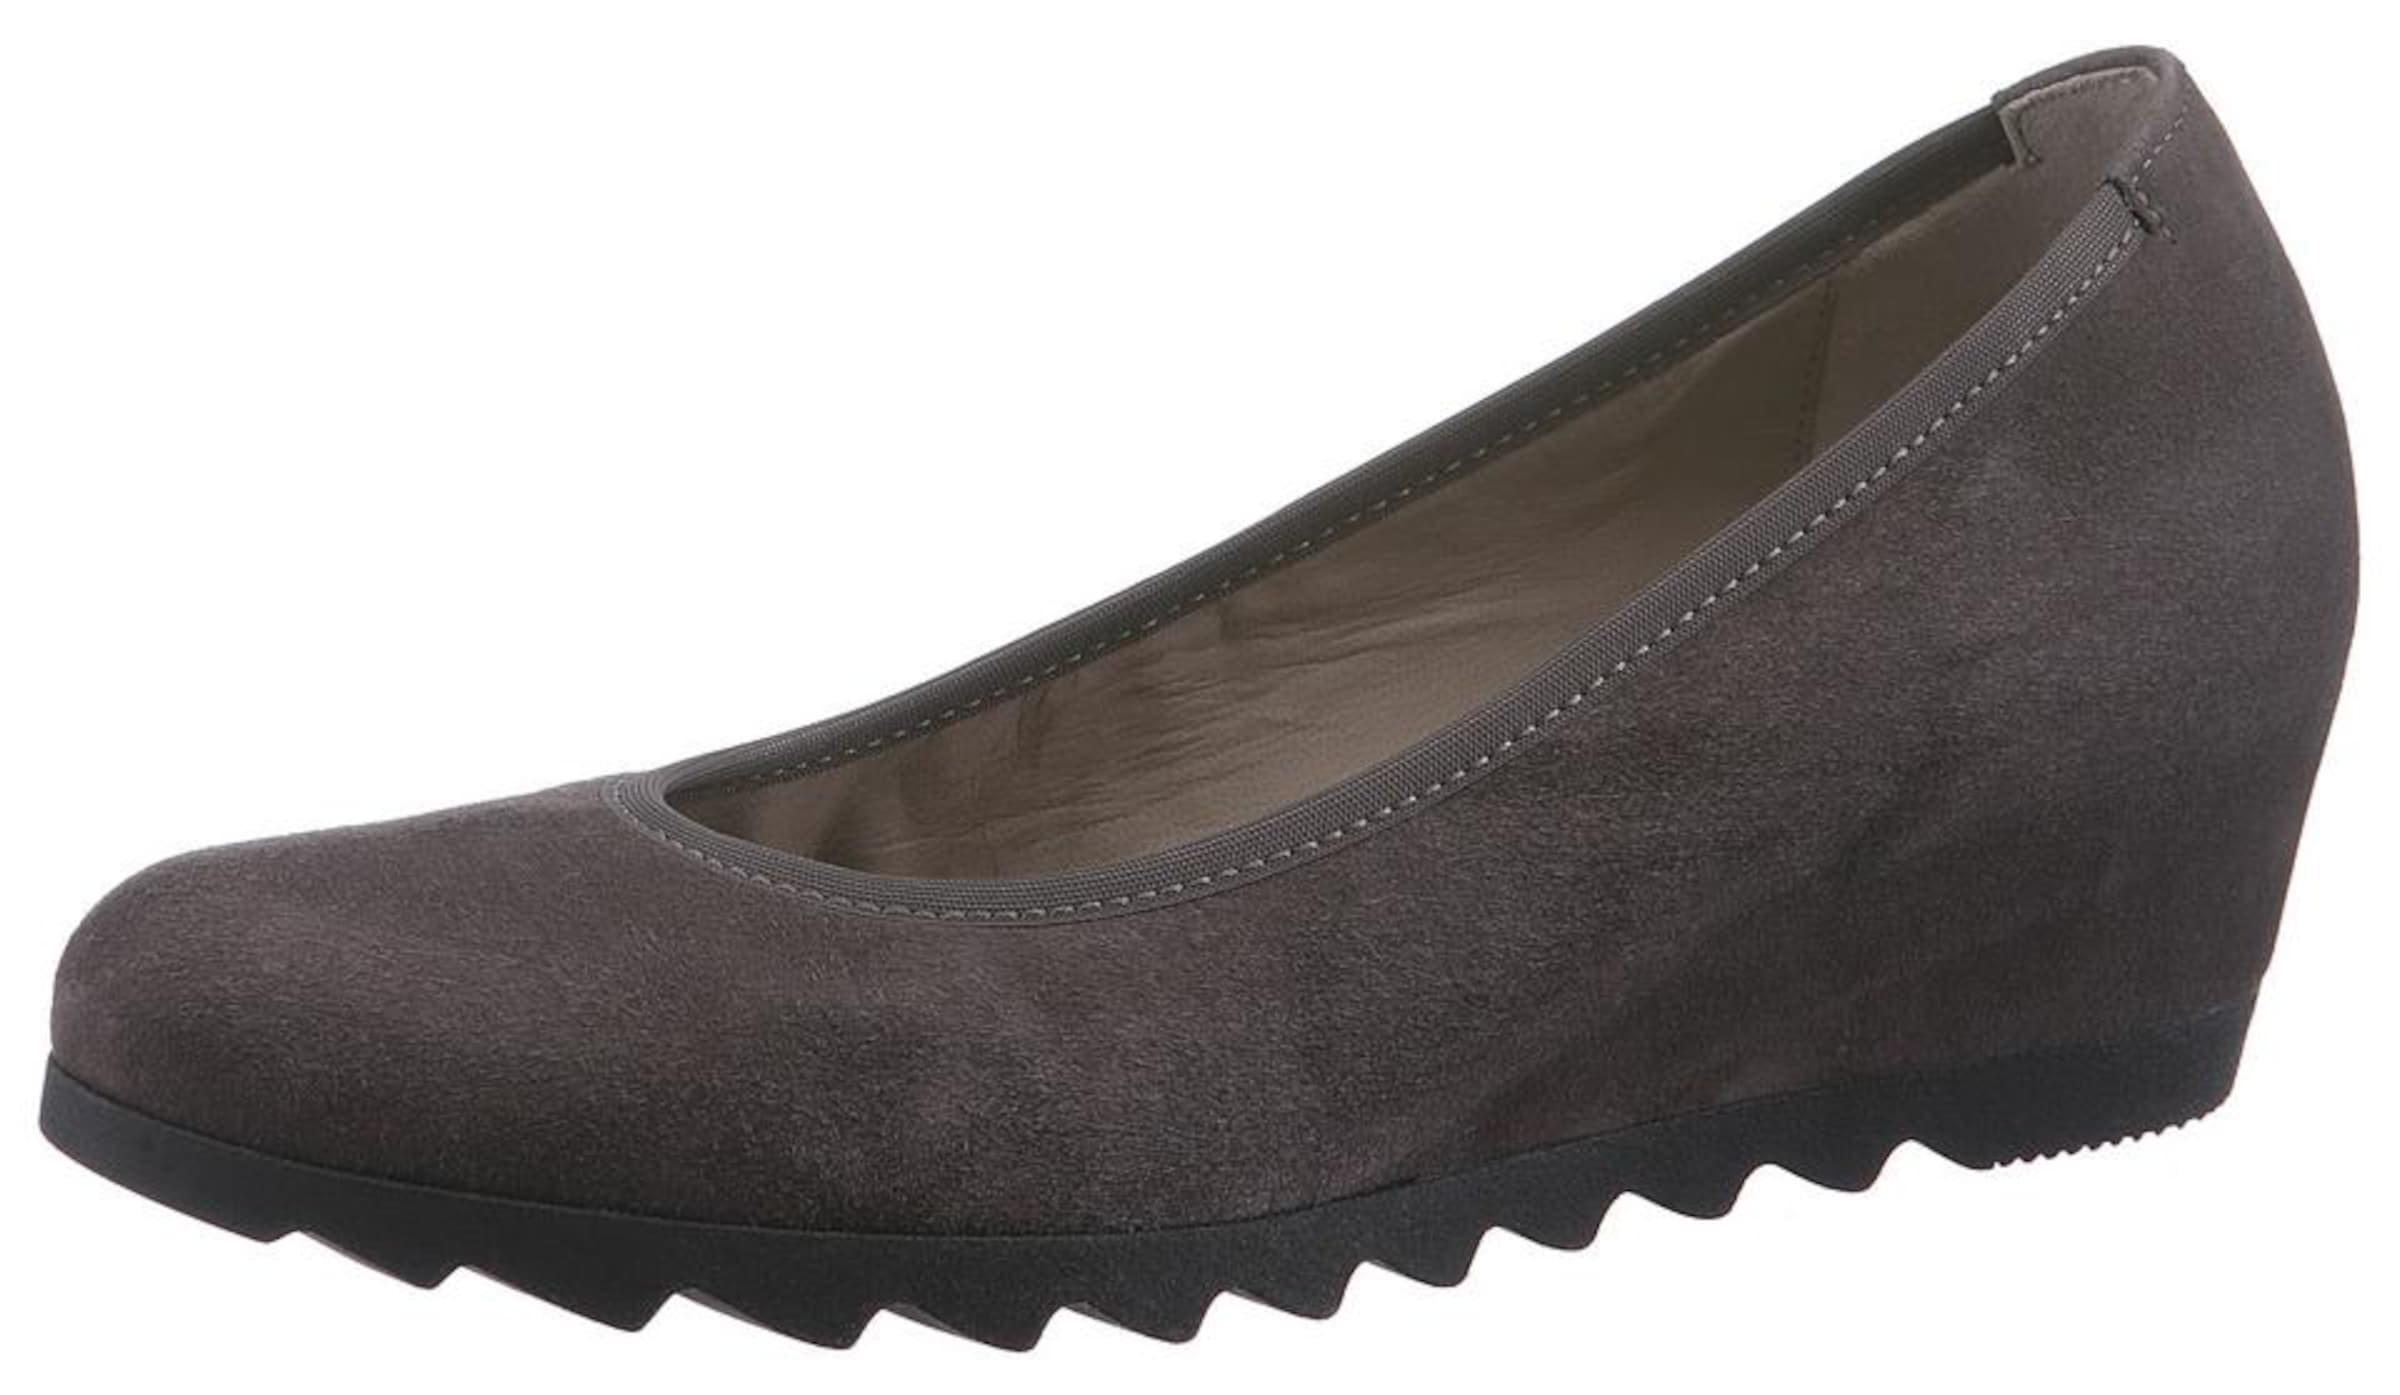 GABOR Keilpumps Verschleißfeste billige Schuhe Hohe Qualität